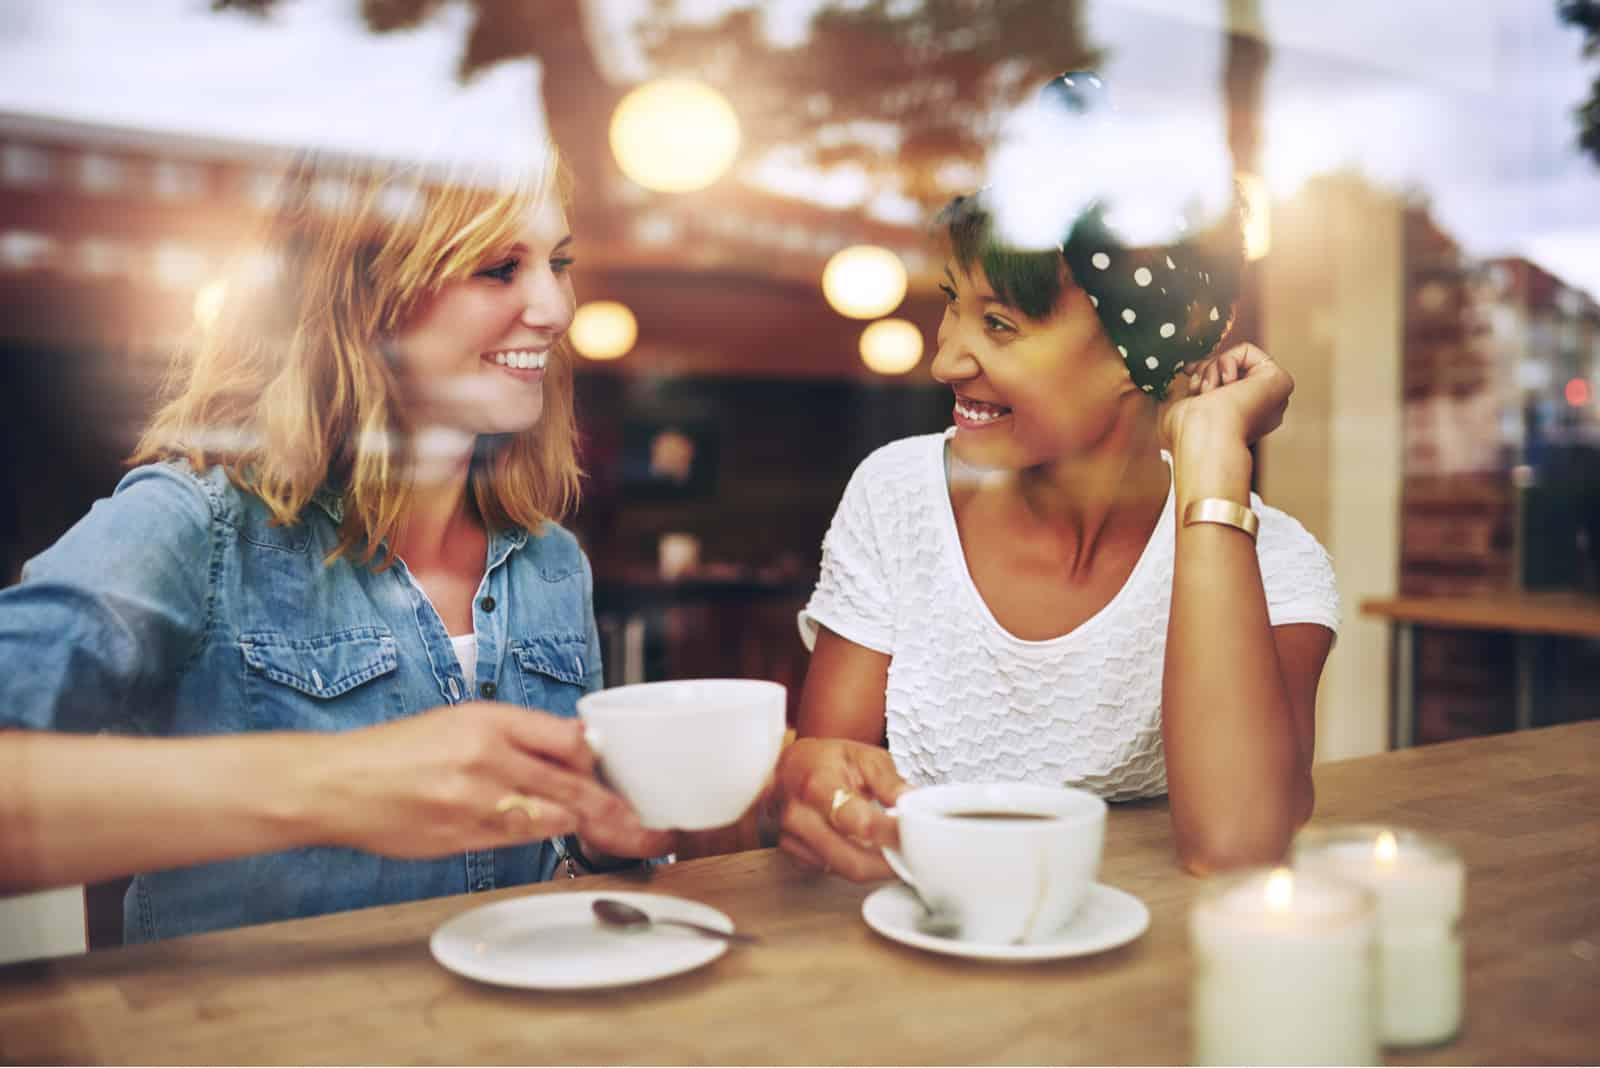 deux amis sont assis et boivent du café